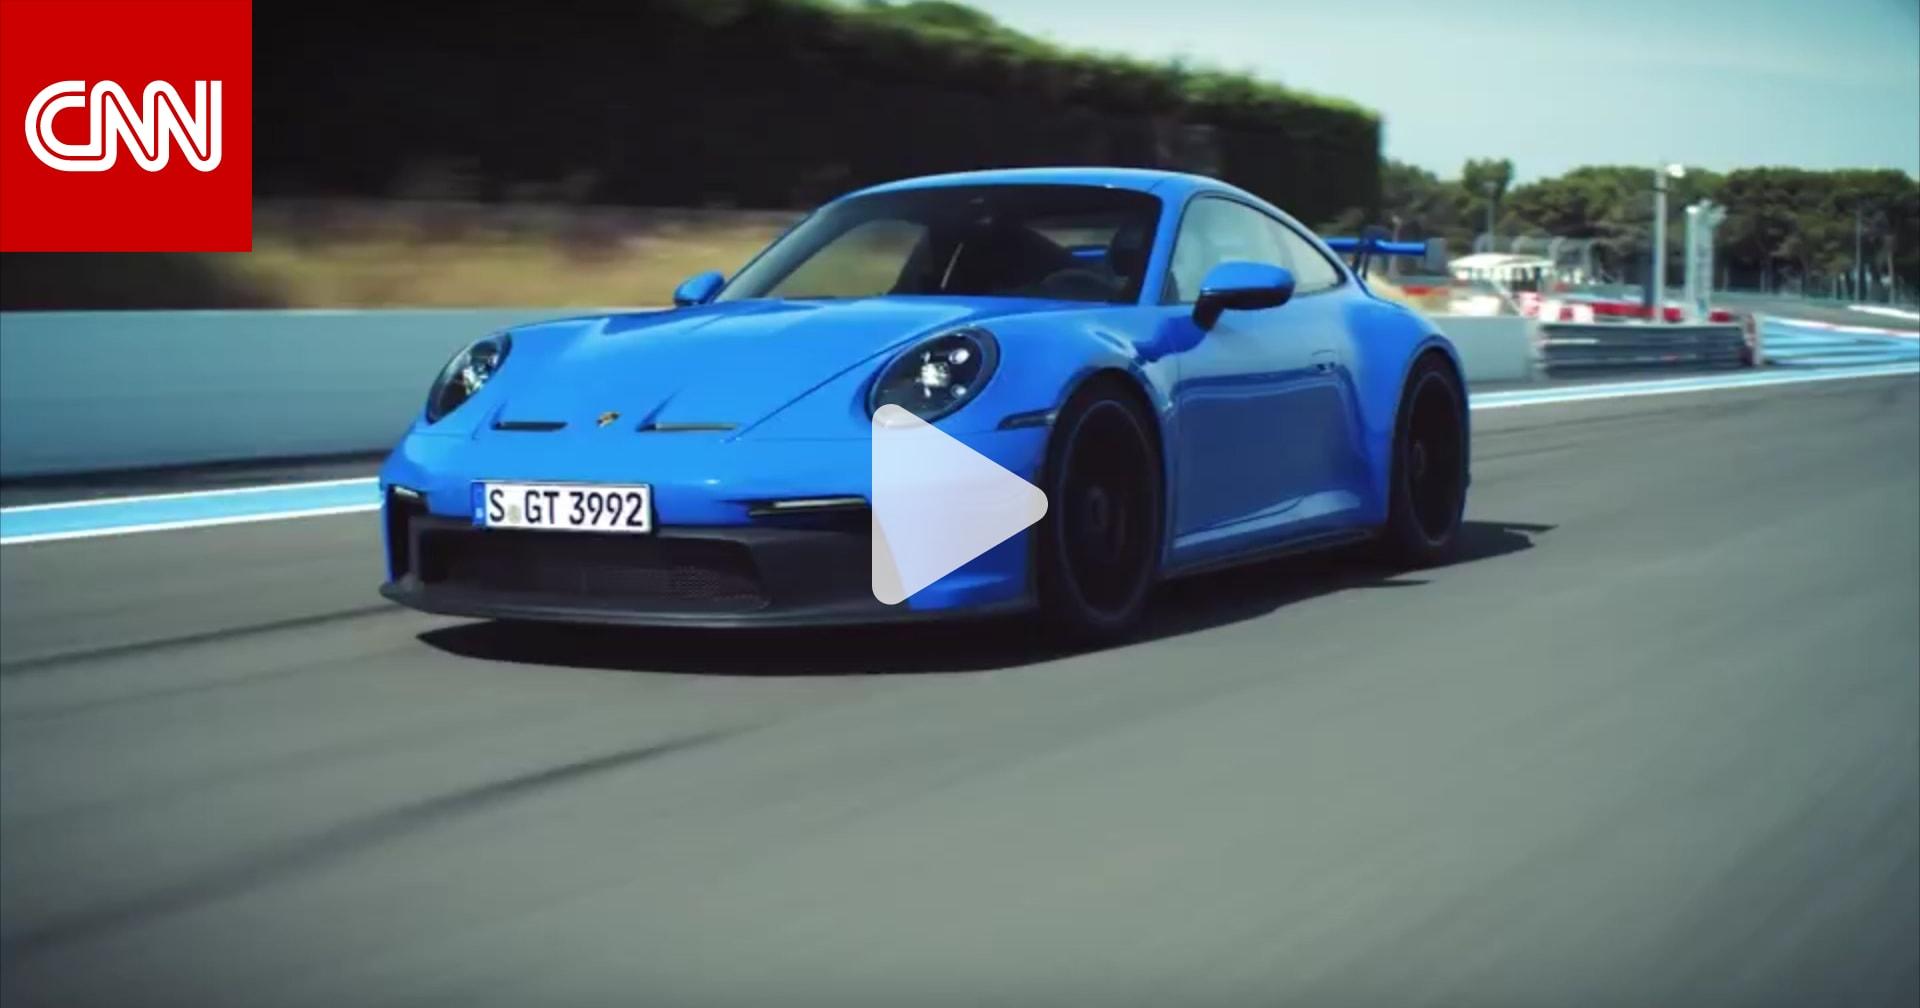 قانونية على الشارع العام.. إليكم سيارة بورشه 911 GT3 الجديدة المستوحاة من سيارات السباق